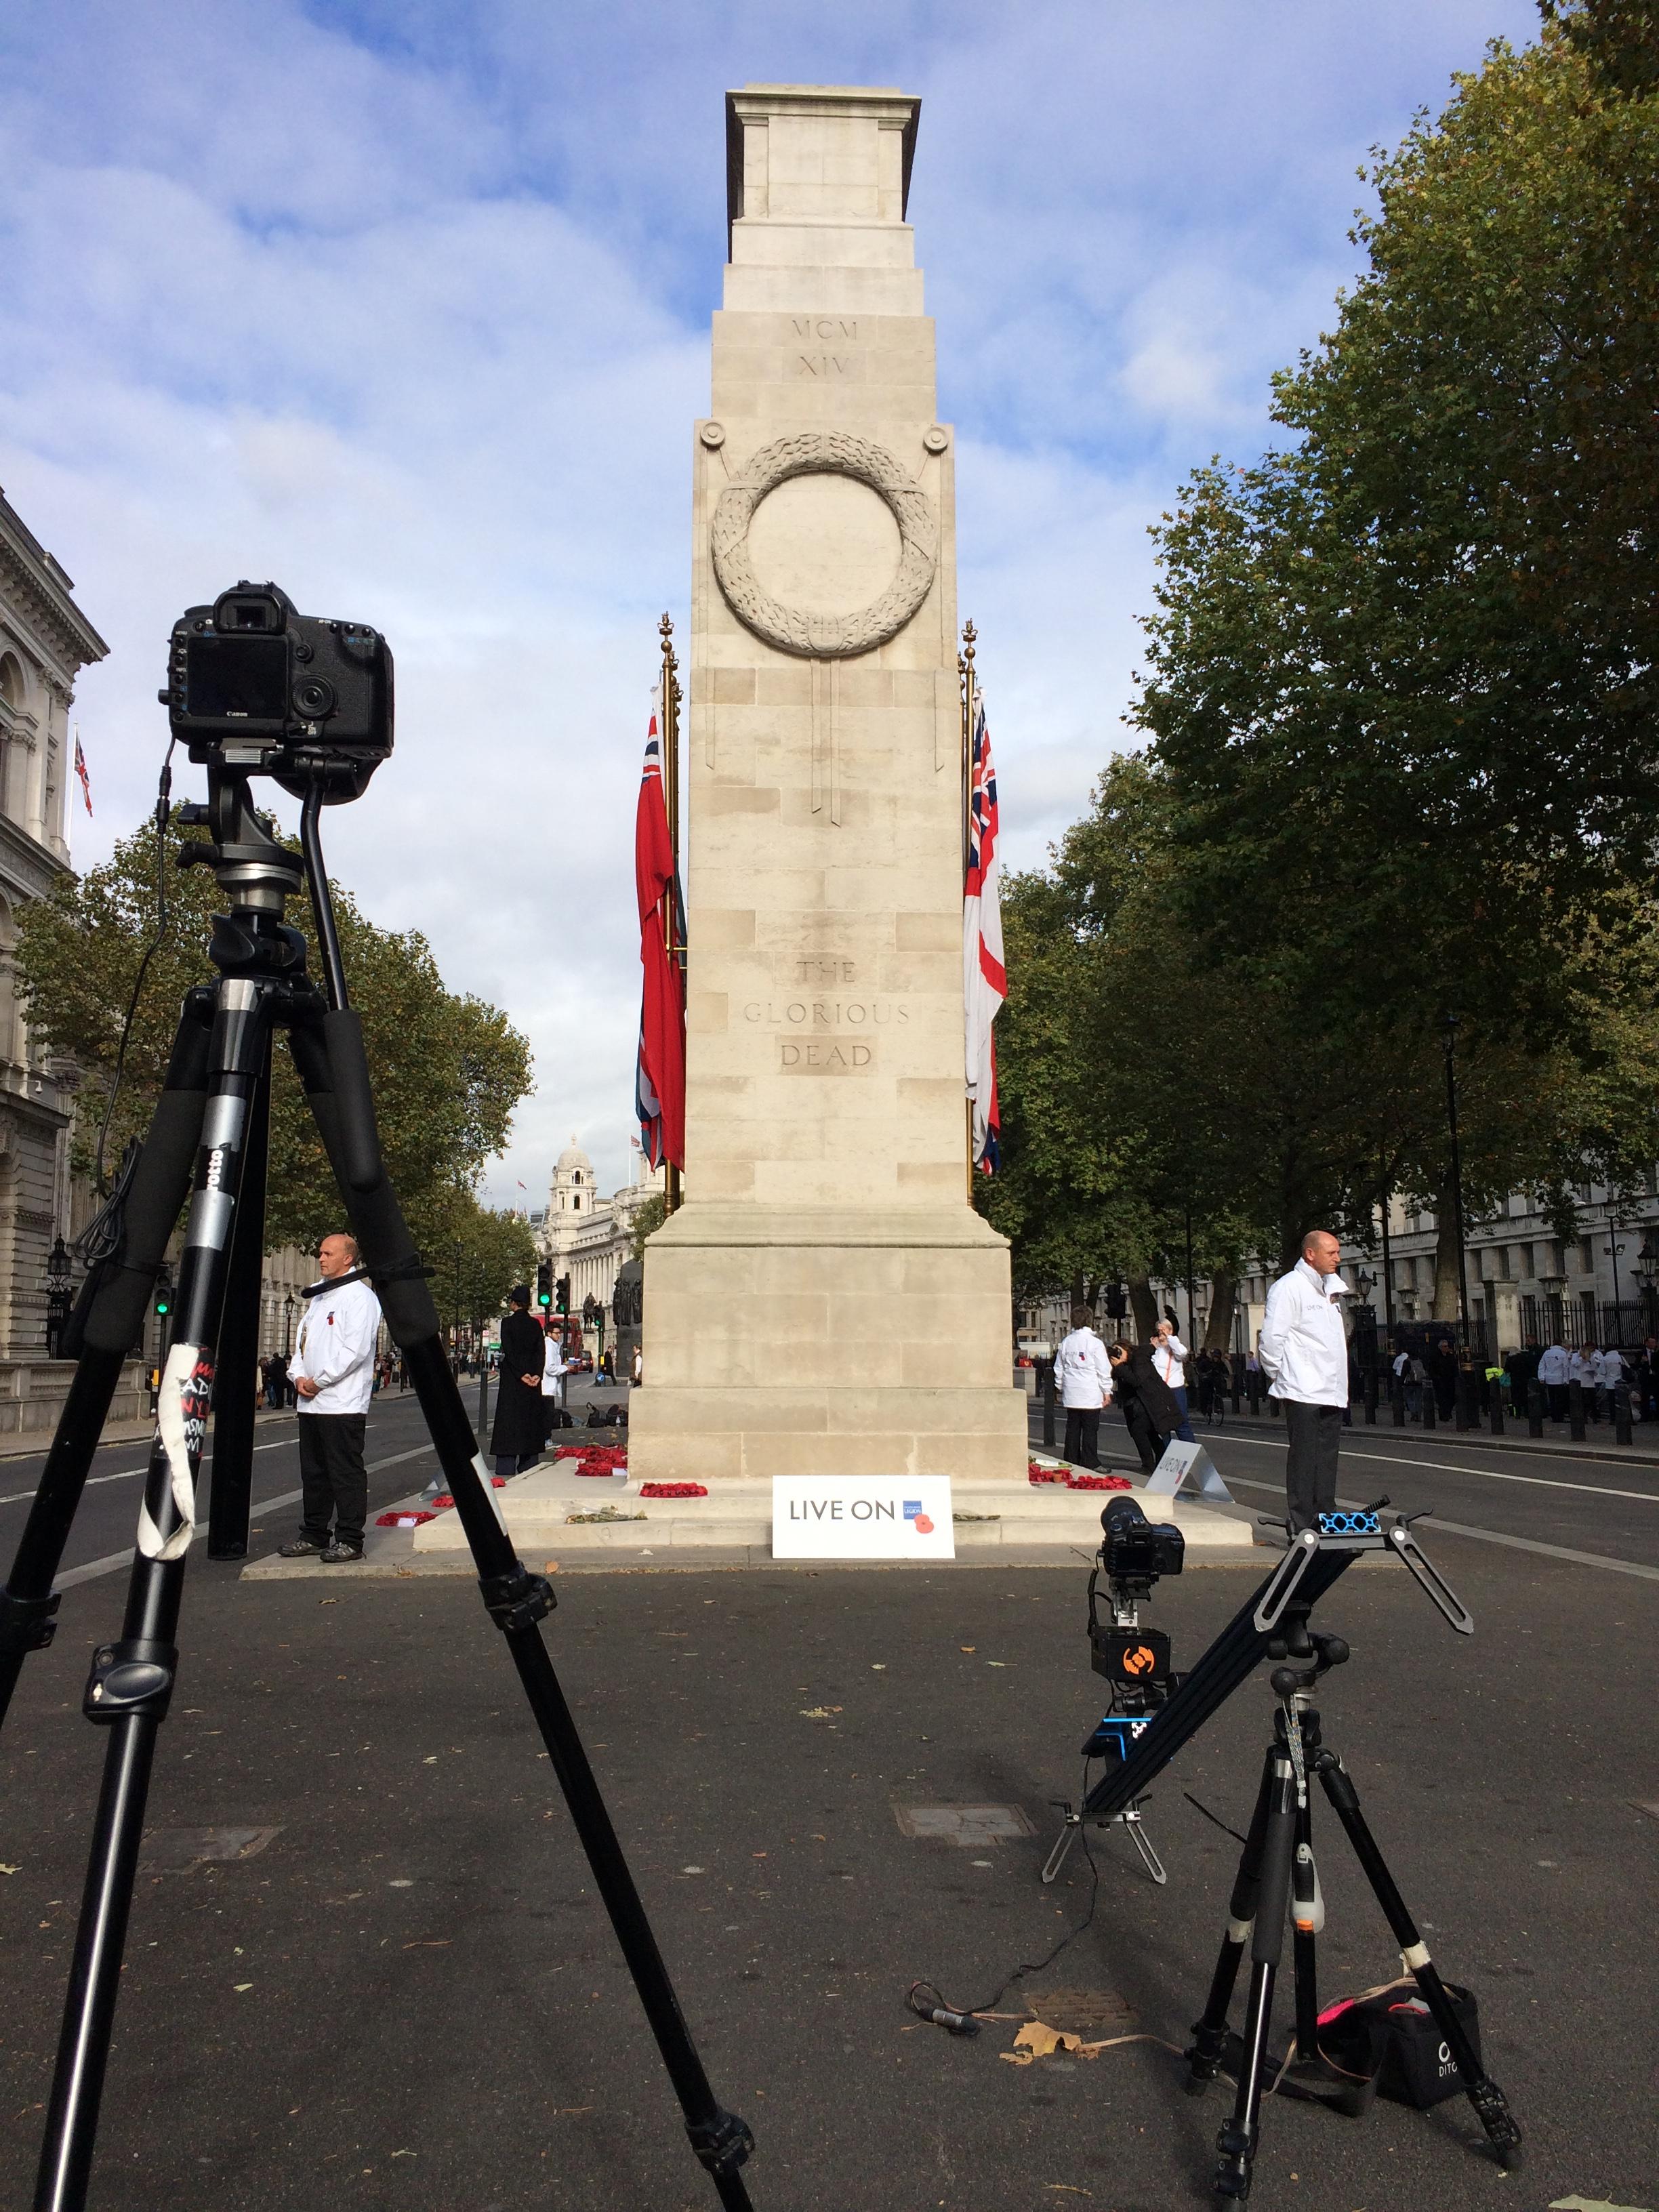 london_timelapse_cenotaph.jpg